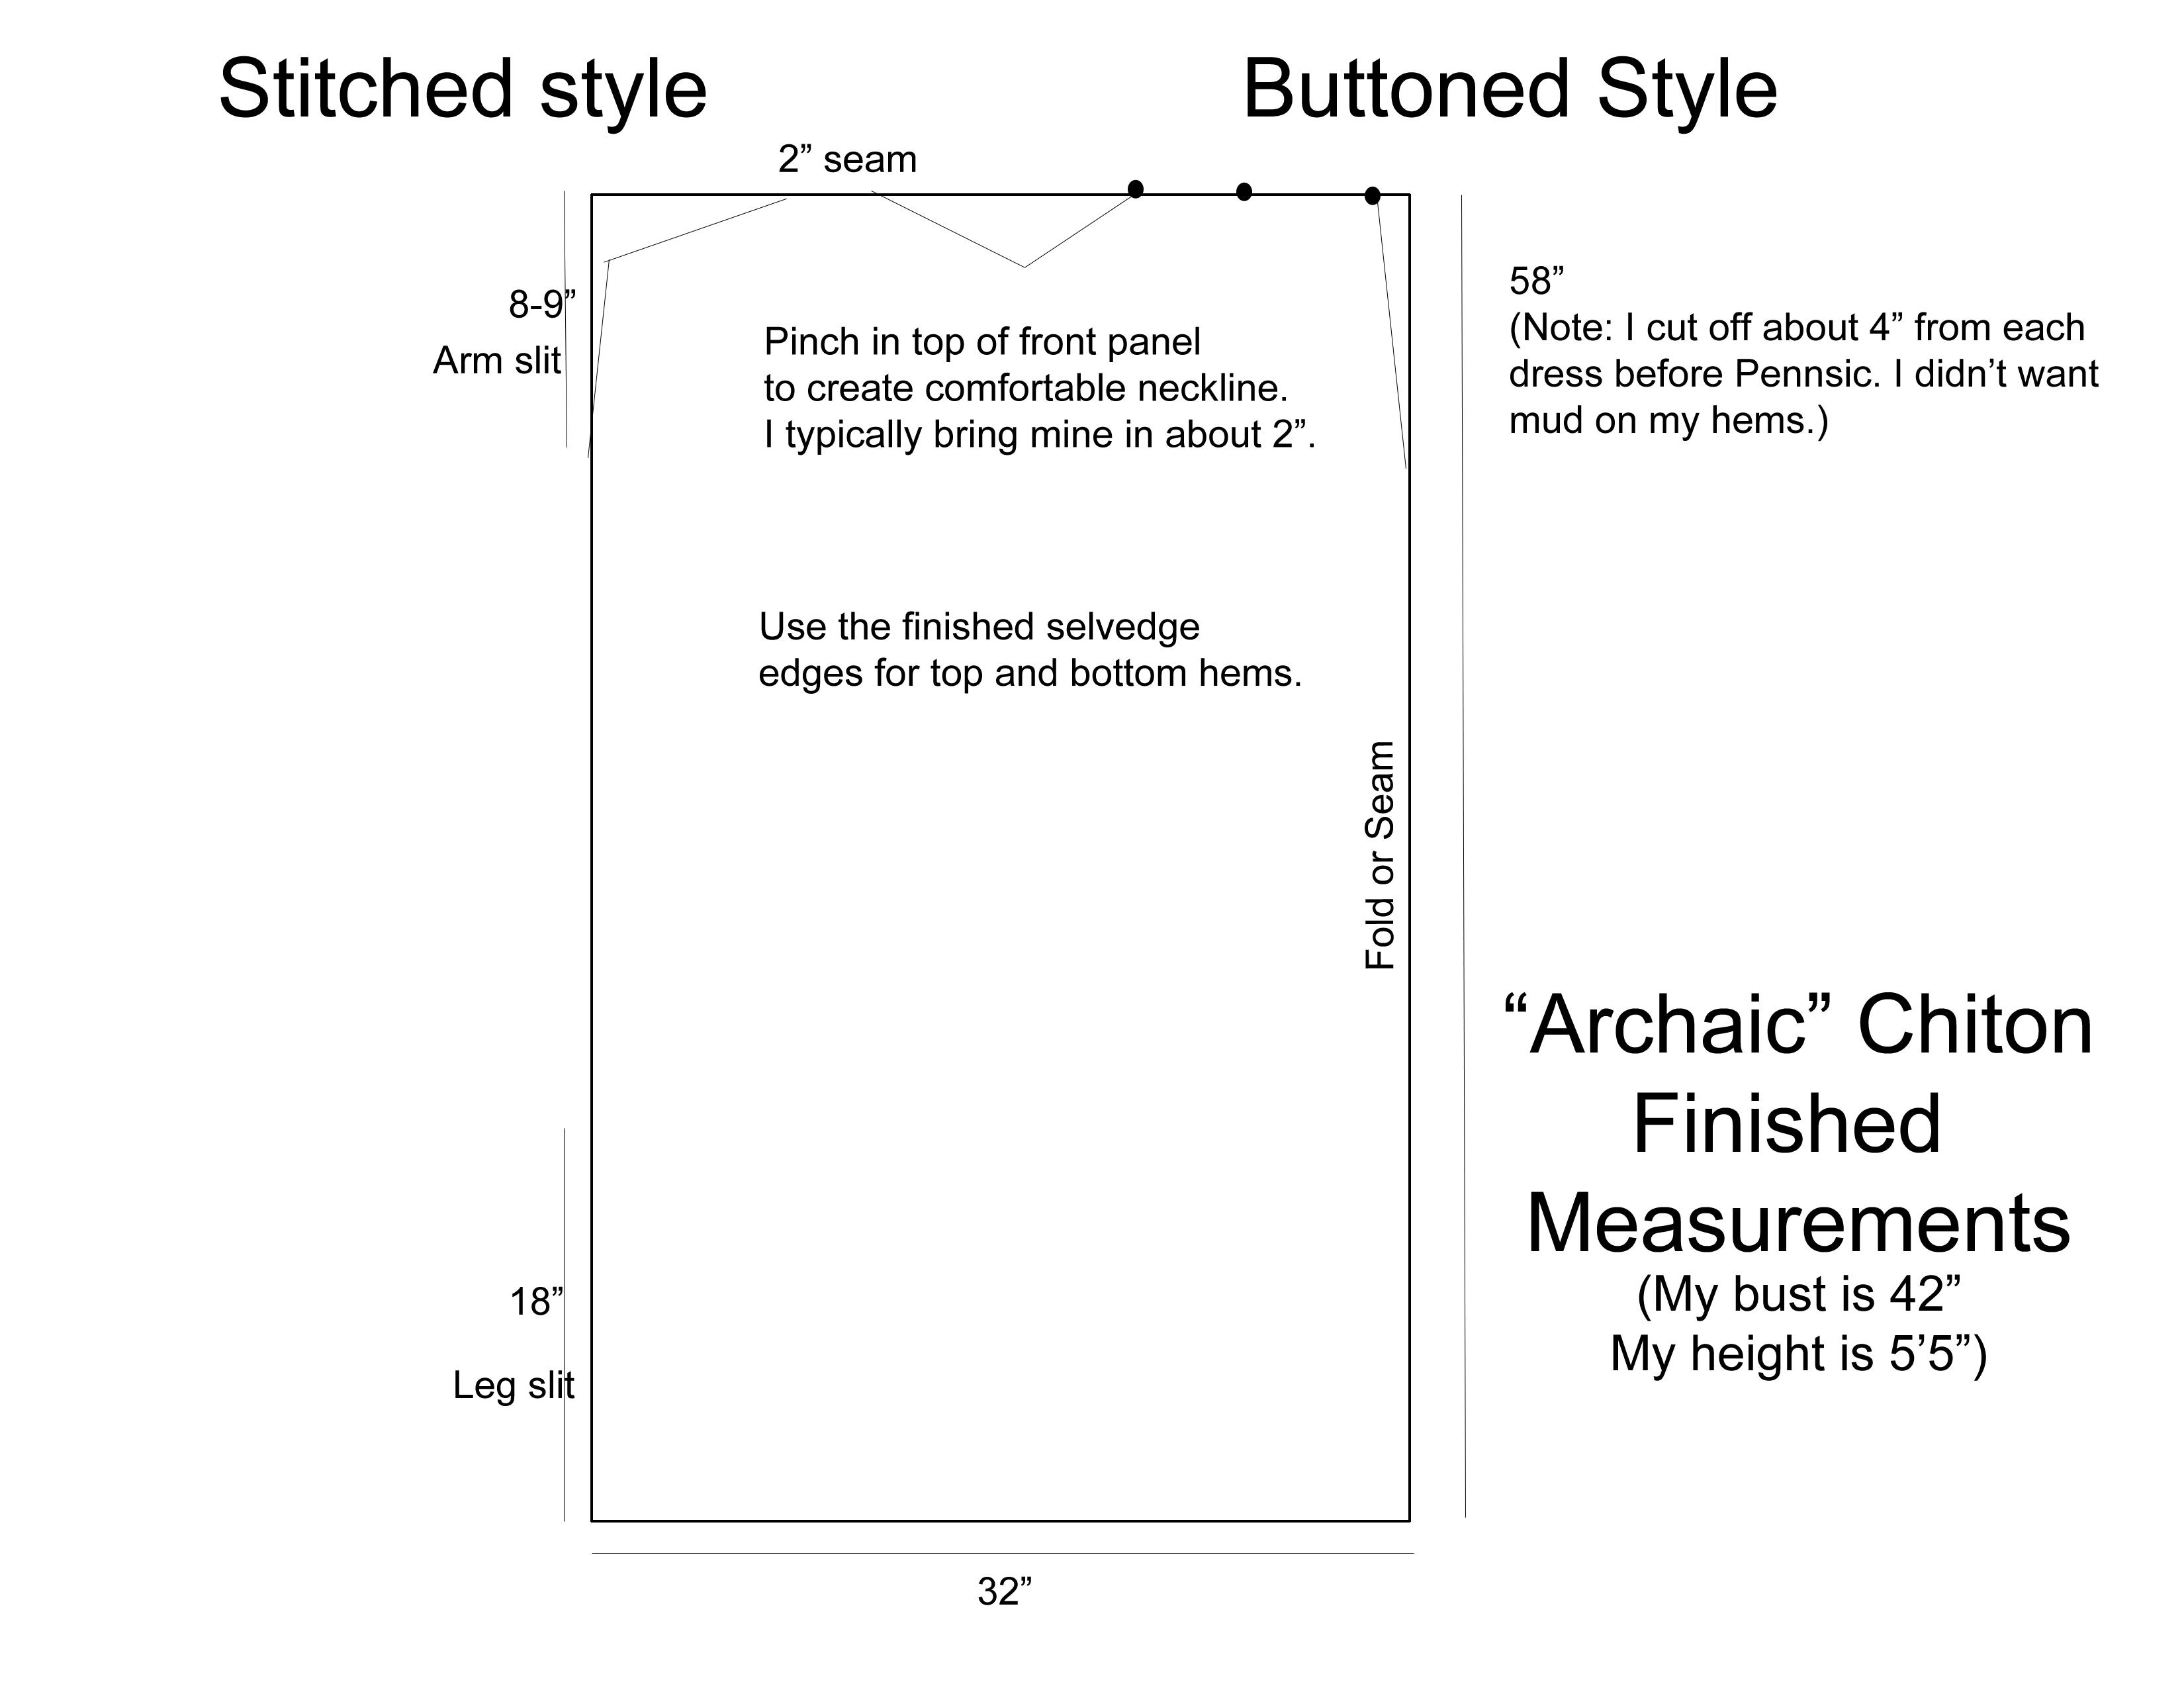 archaicchiton